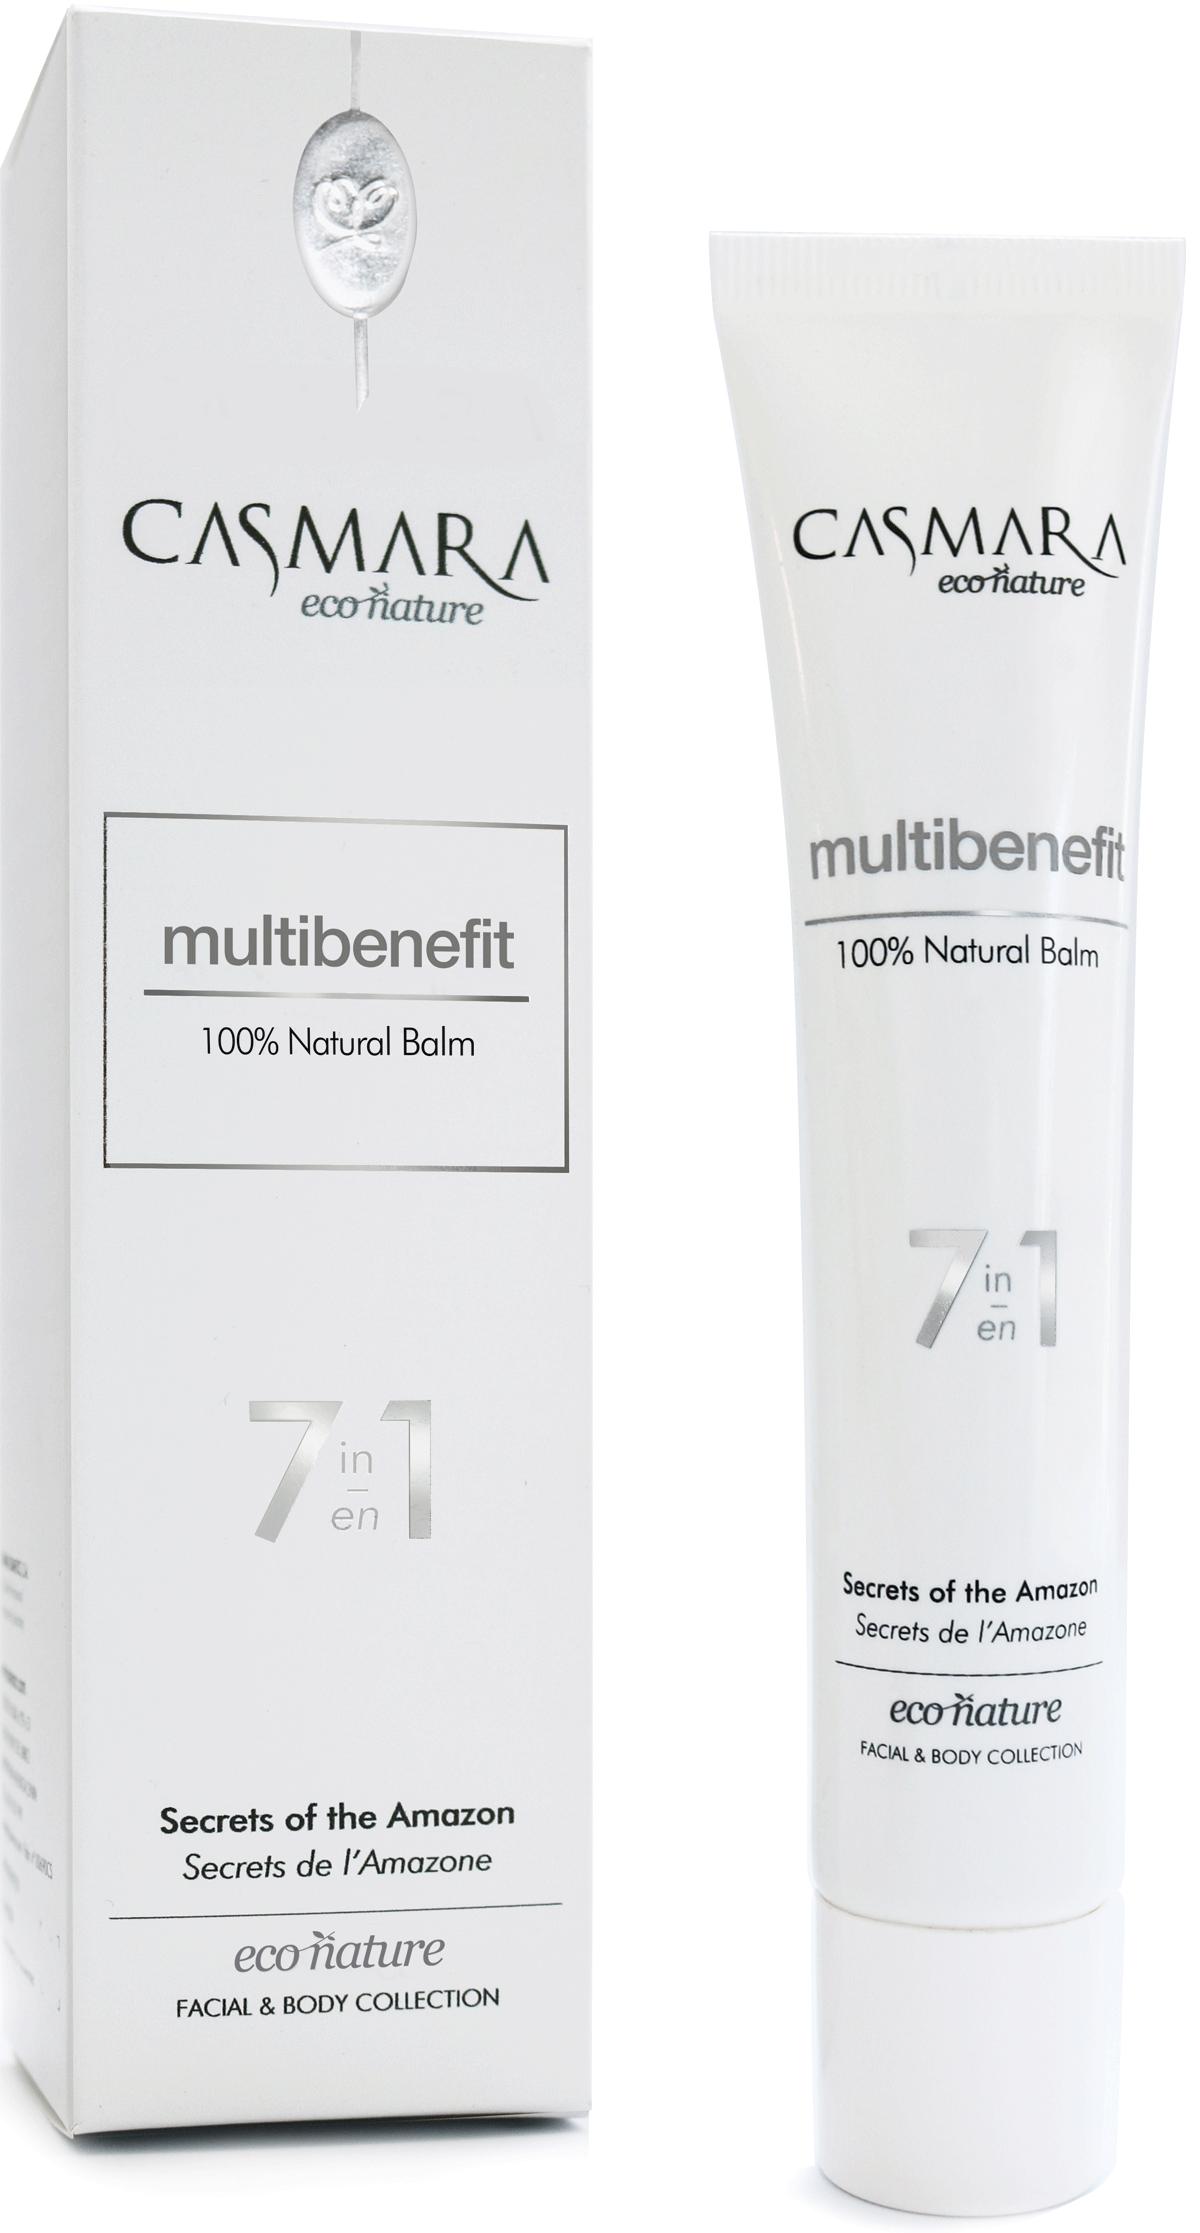 Casmara Multibenefit balm - Касмара Мультифункциональный бальзам 7 в 1, 50 мл